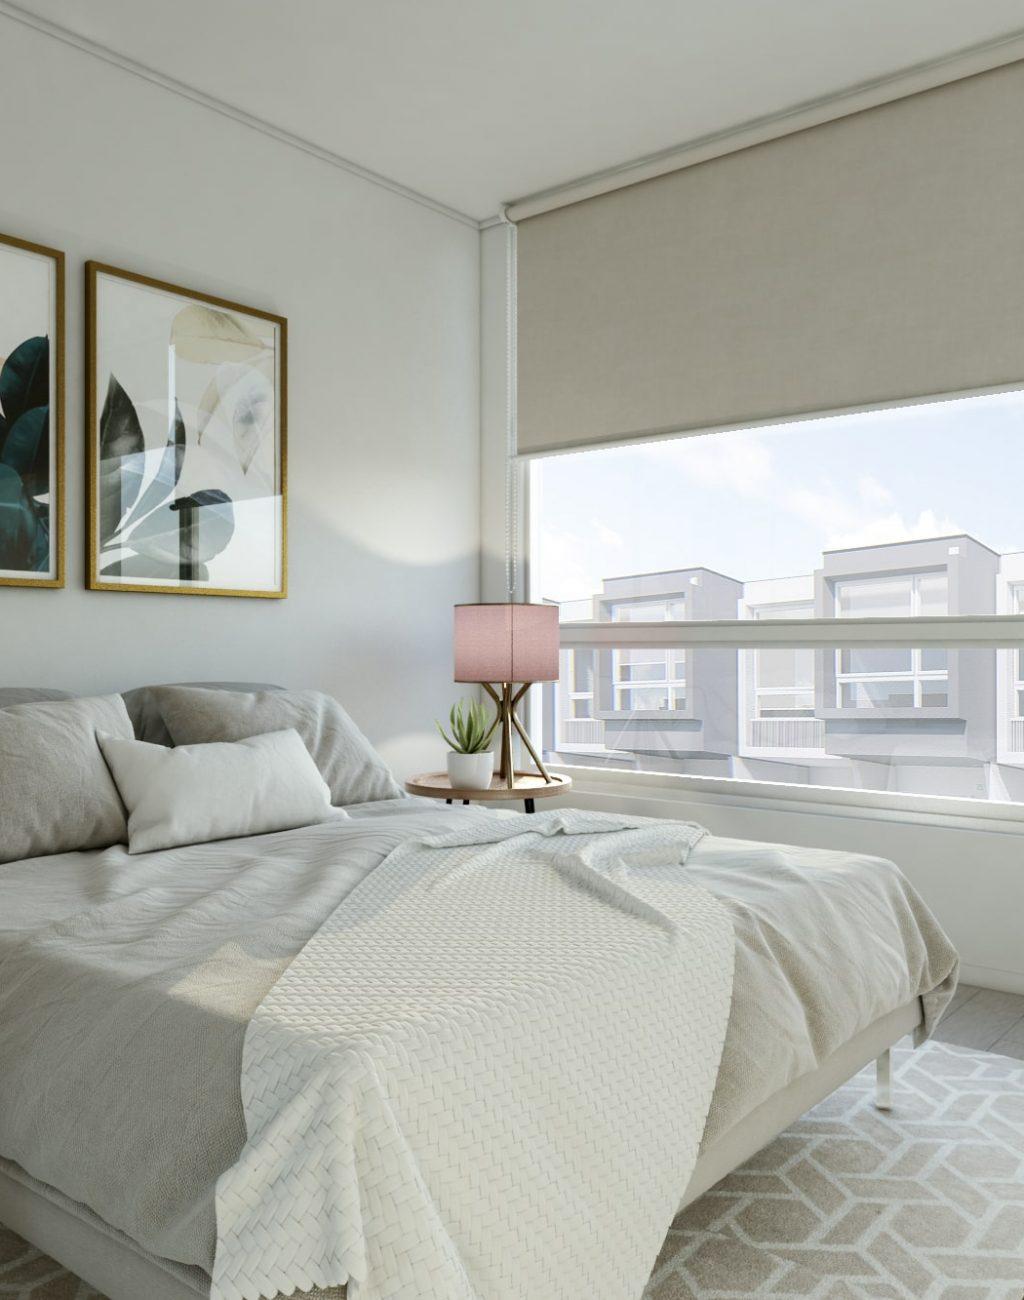 1-Dormitorio_princupal_10-02-21-min